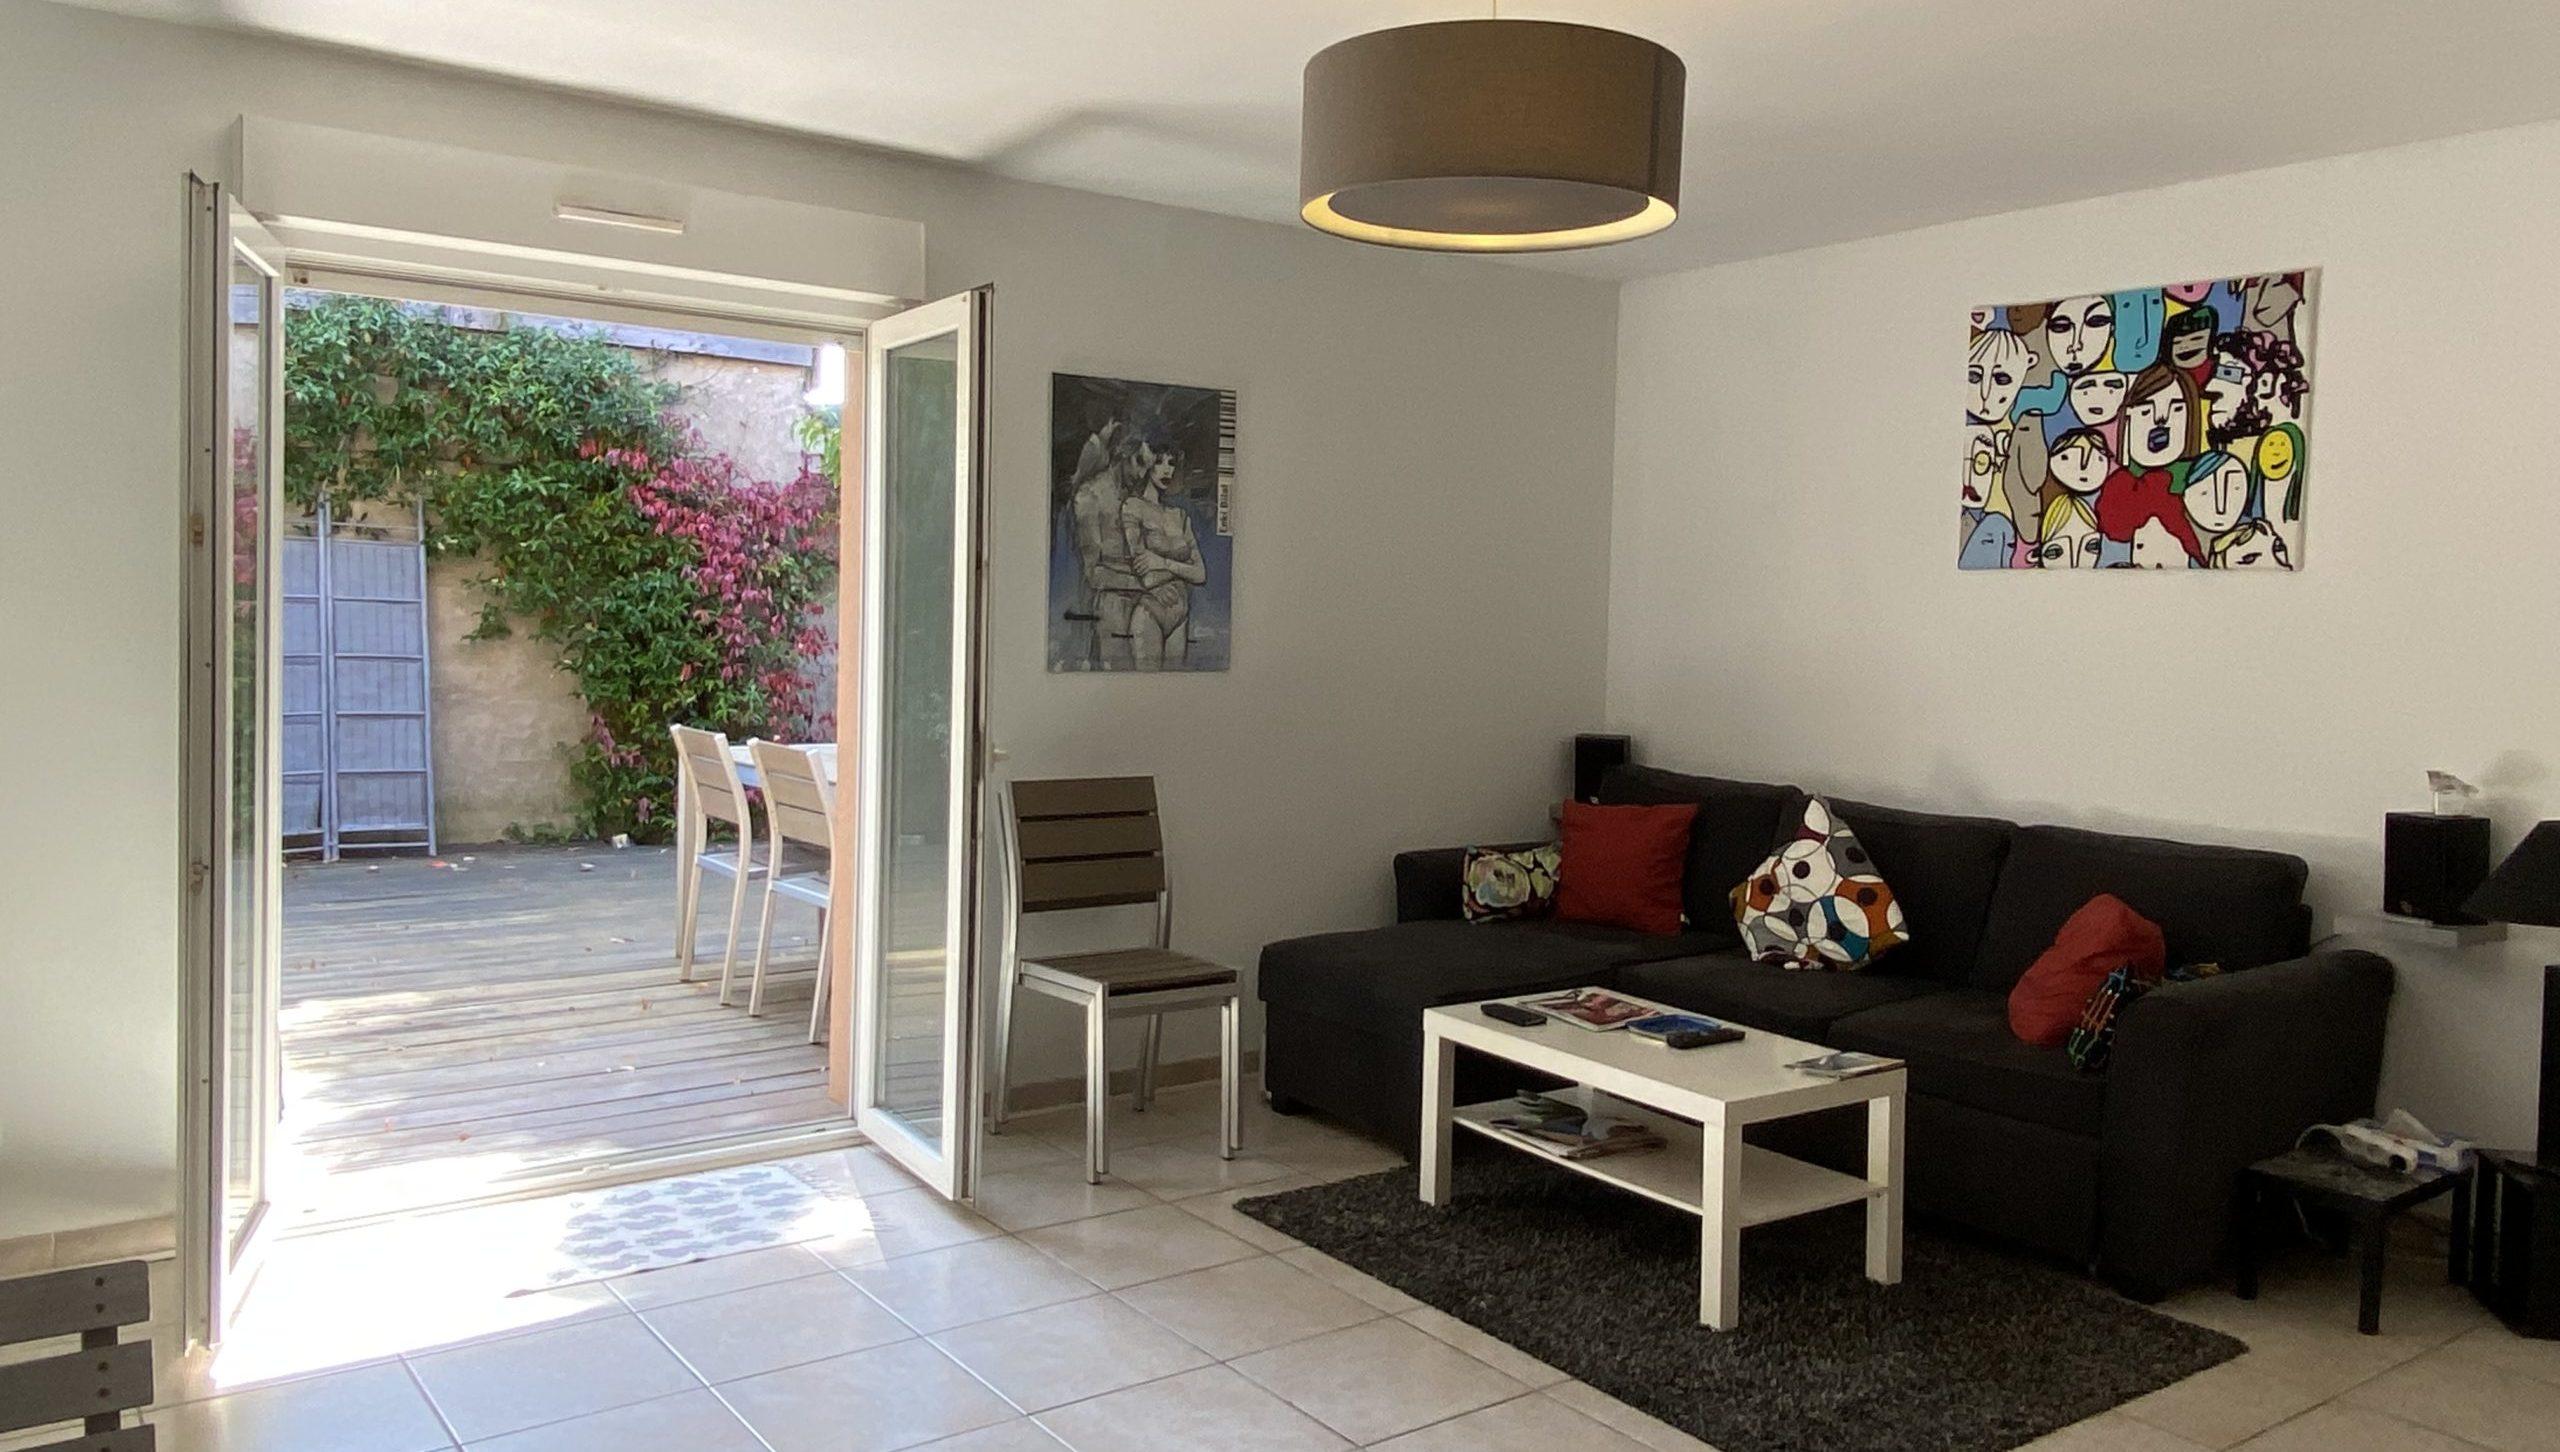 Exclusivité – Apt T3 avec jardin, parking et box